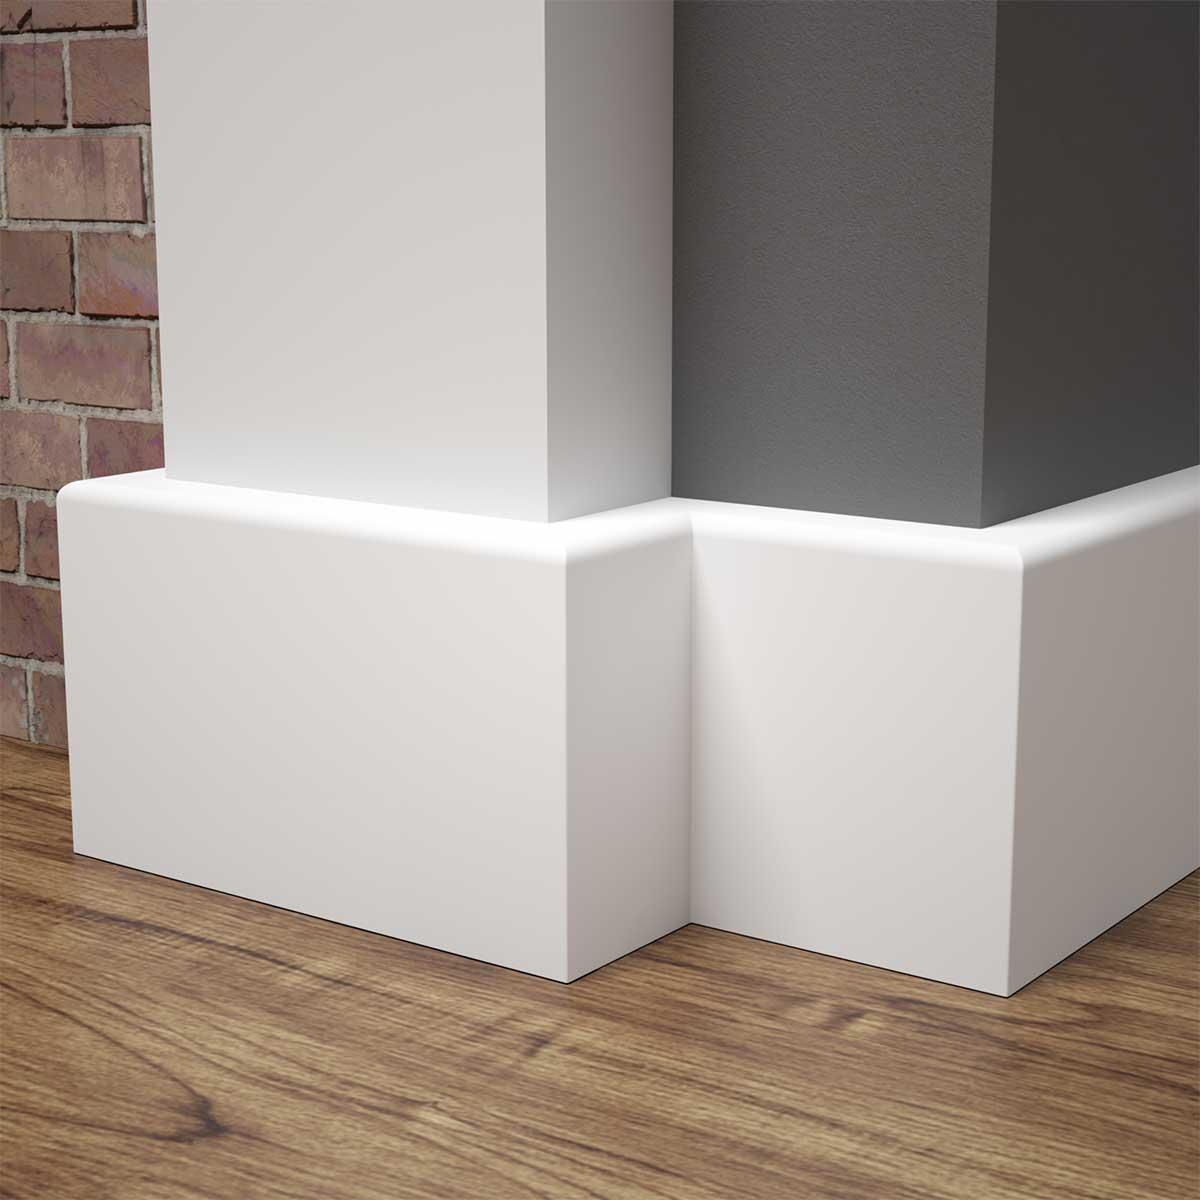 Listwa przypodłogowa MDF biała SKCM3, 6x1,6x244cm lakierowana wilgocioodporna, cena za mb.